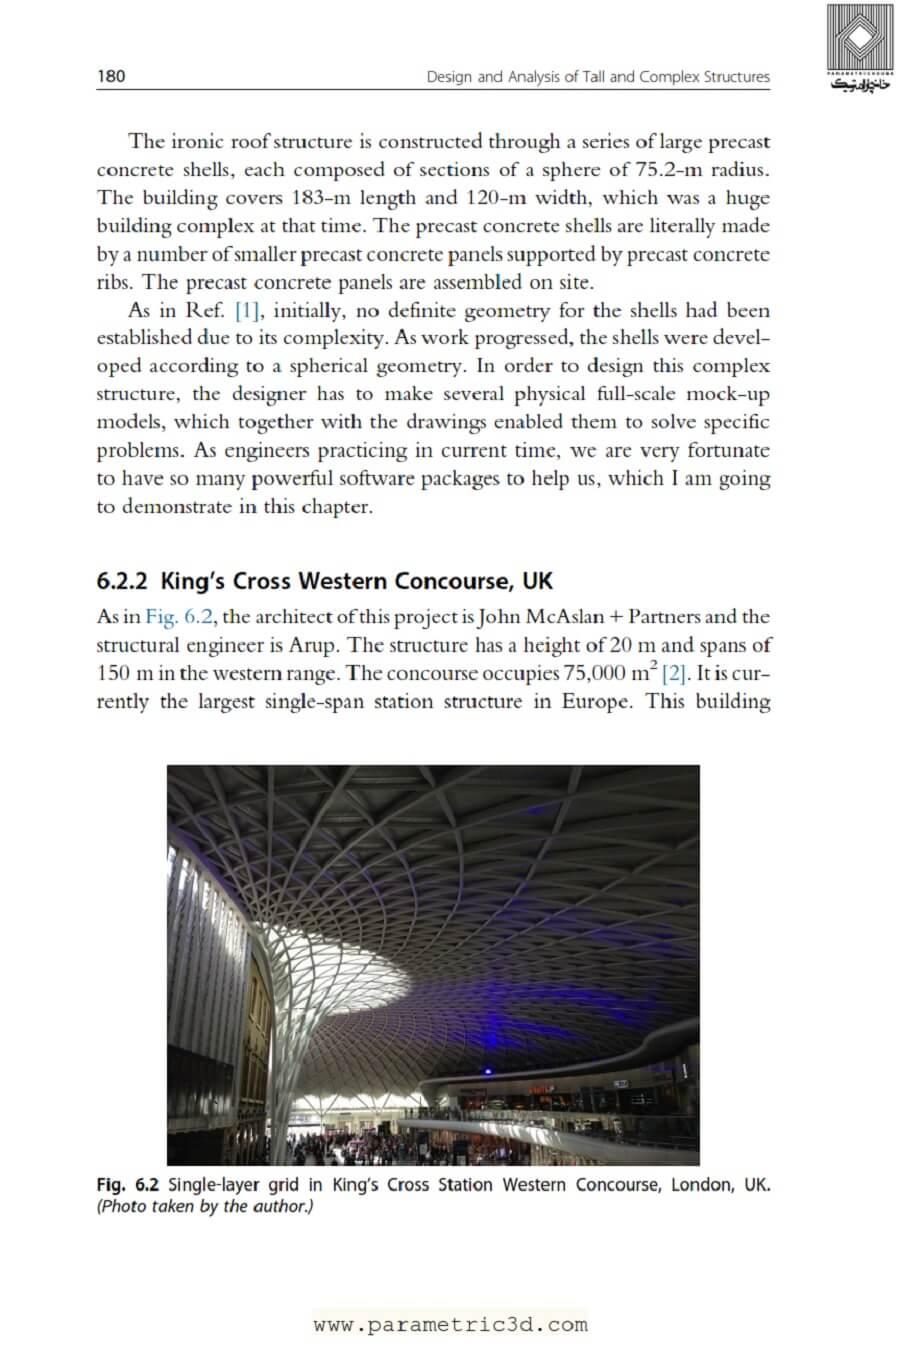 کتاب Design and Analysis of Tall and Complex Structures